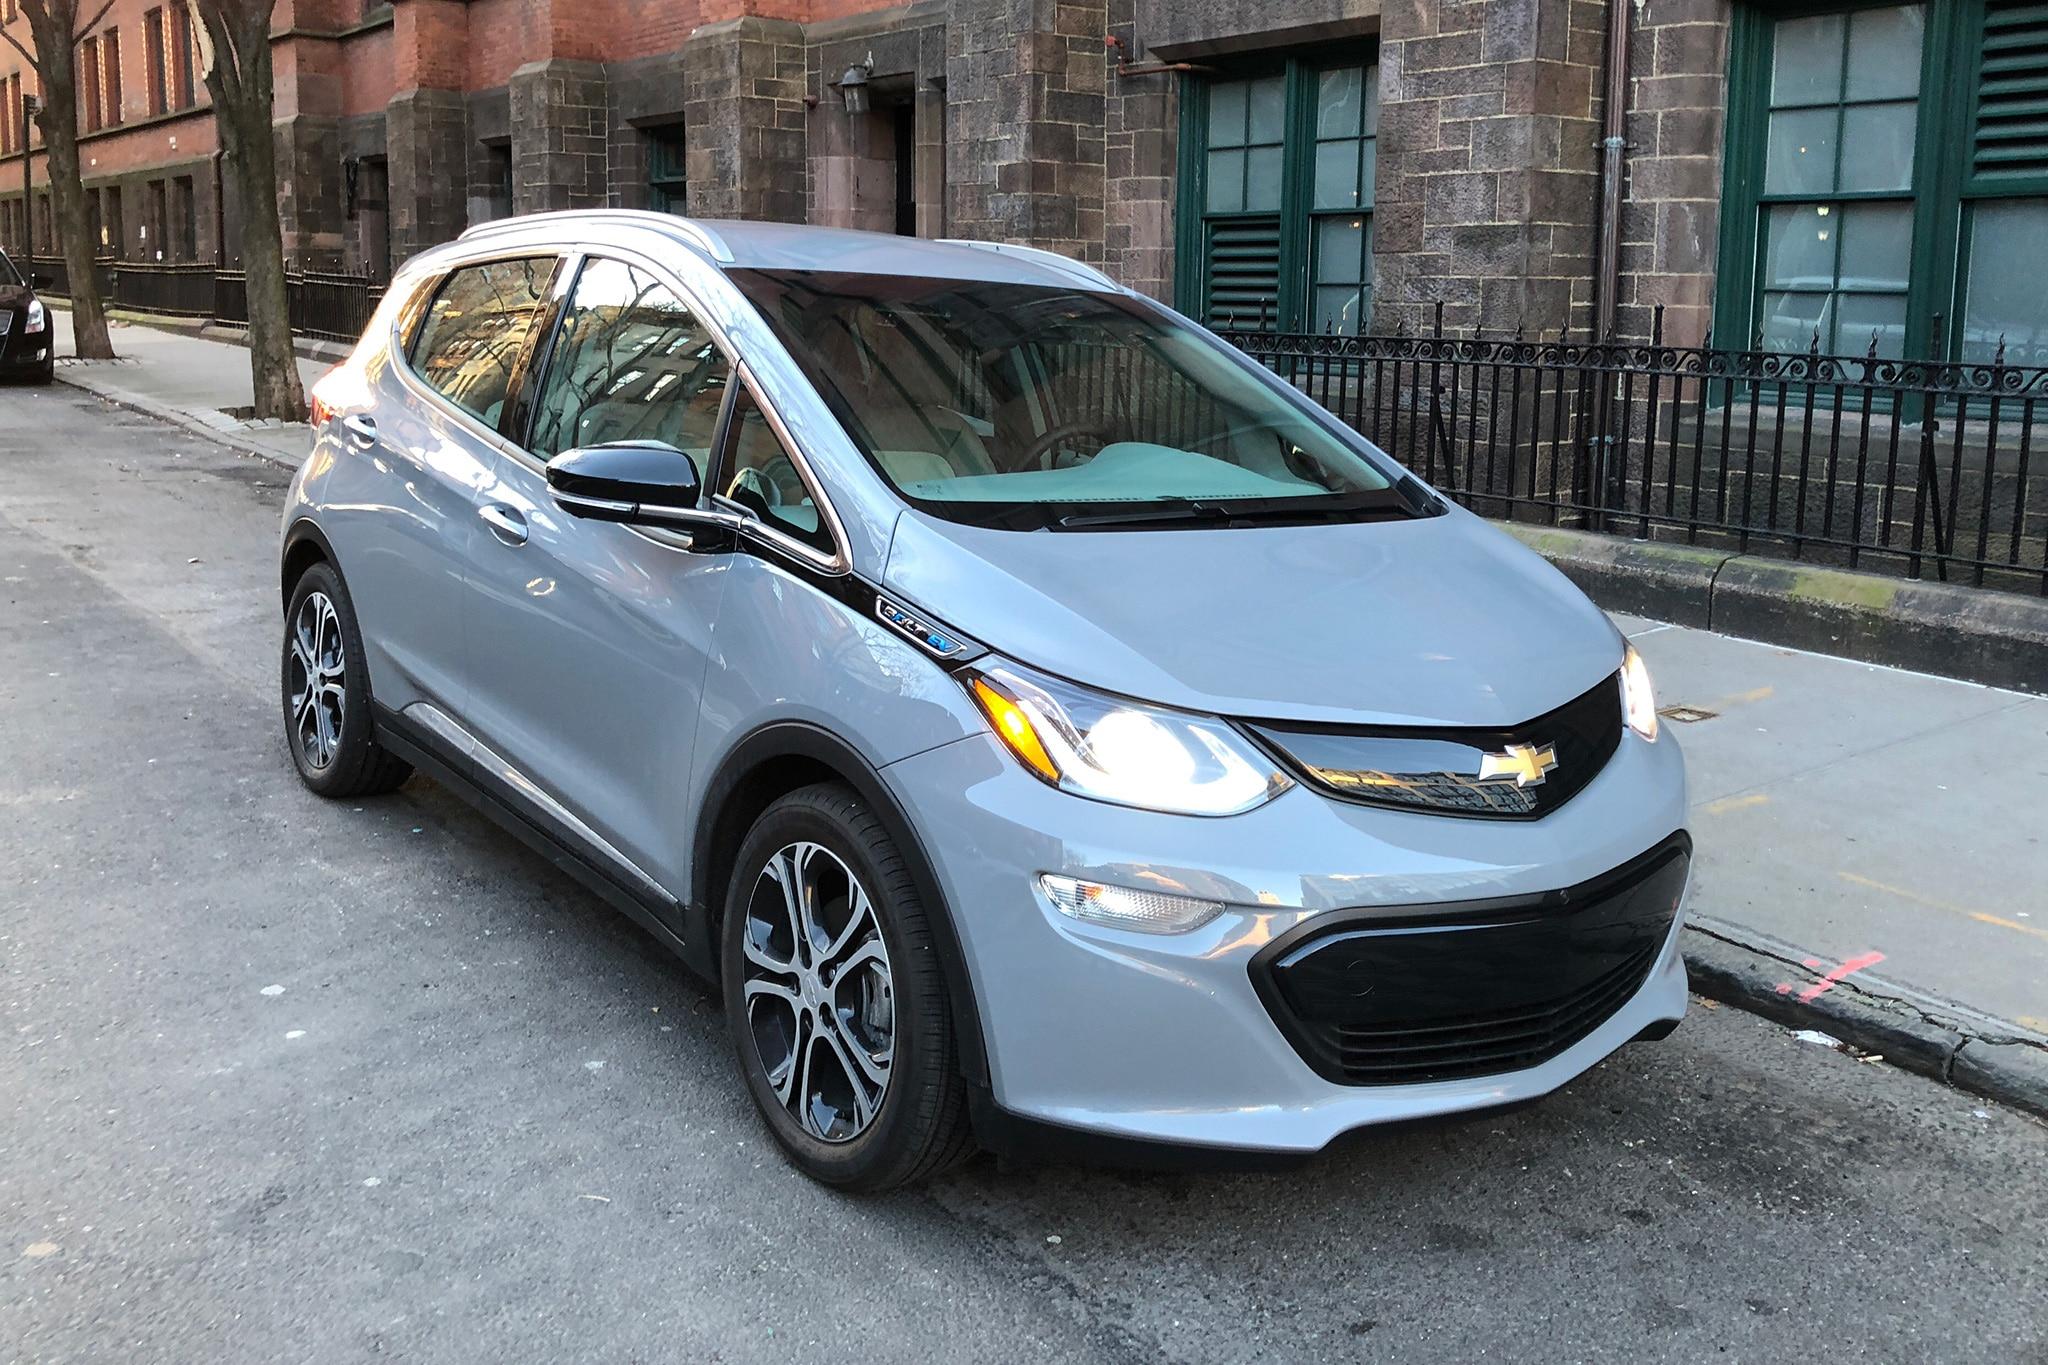 2019 Chevrolet Bolt 06